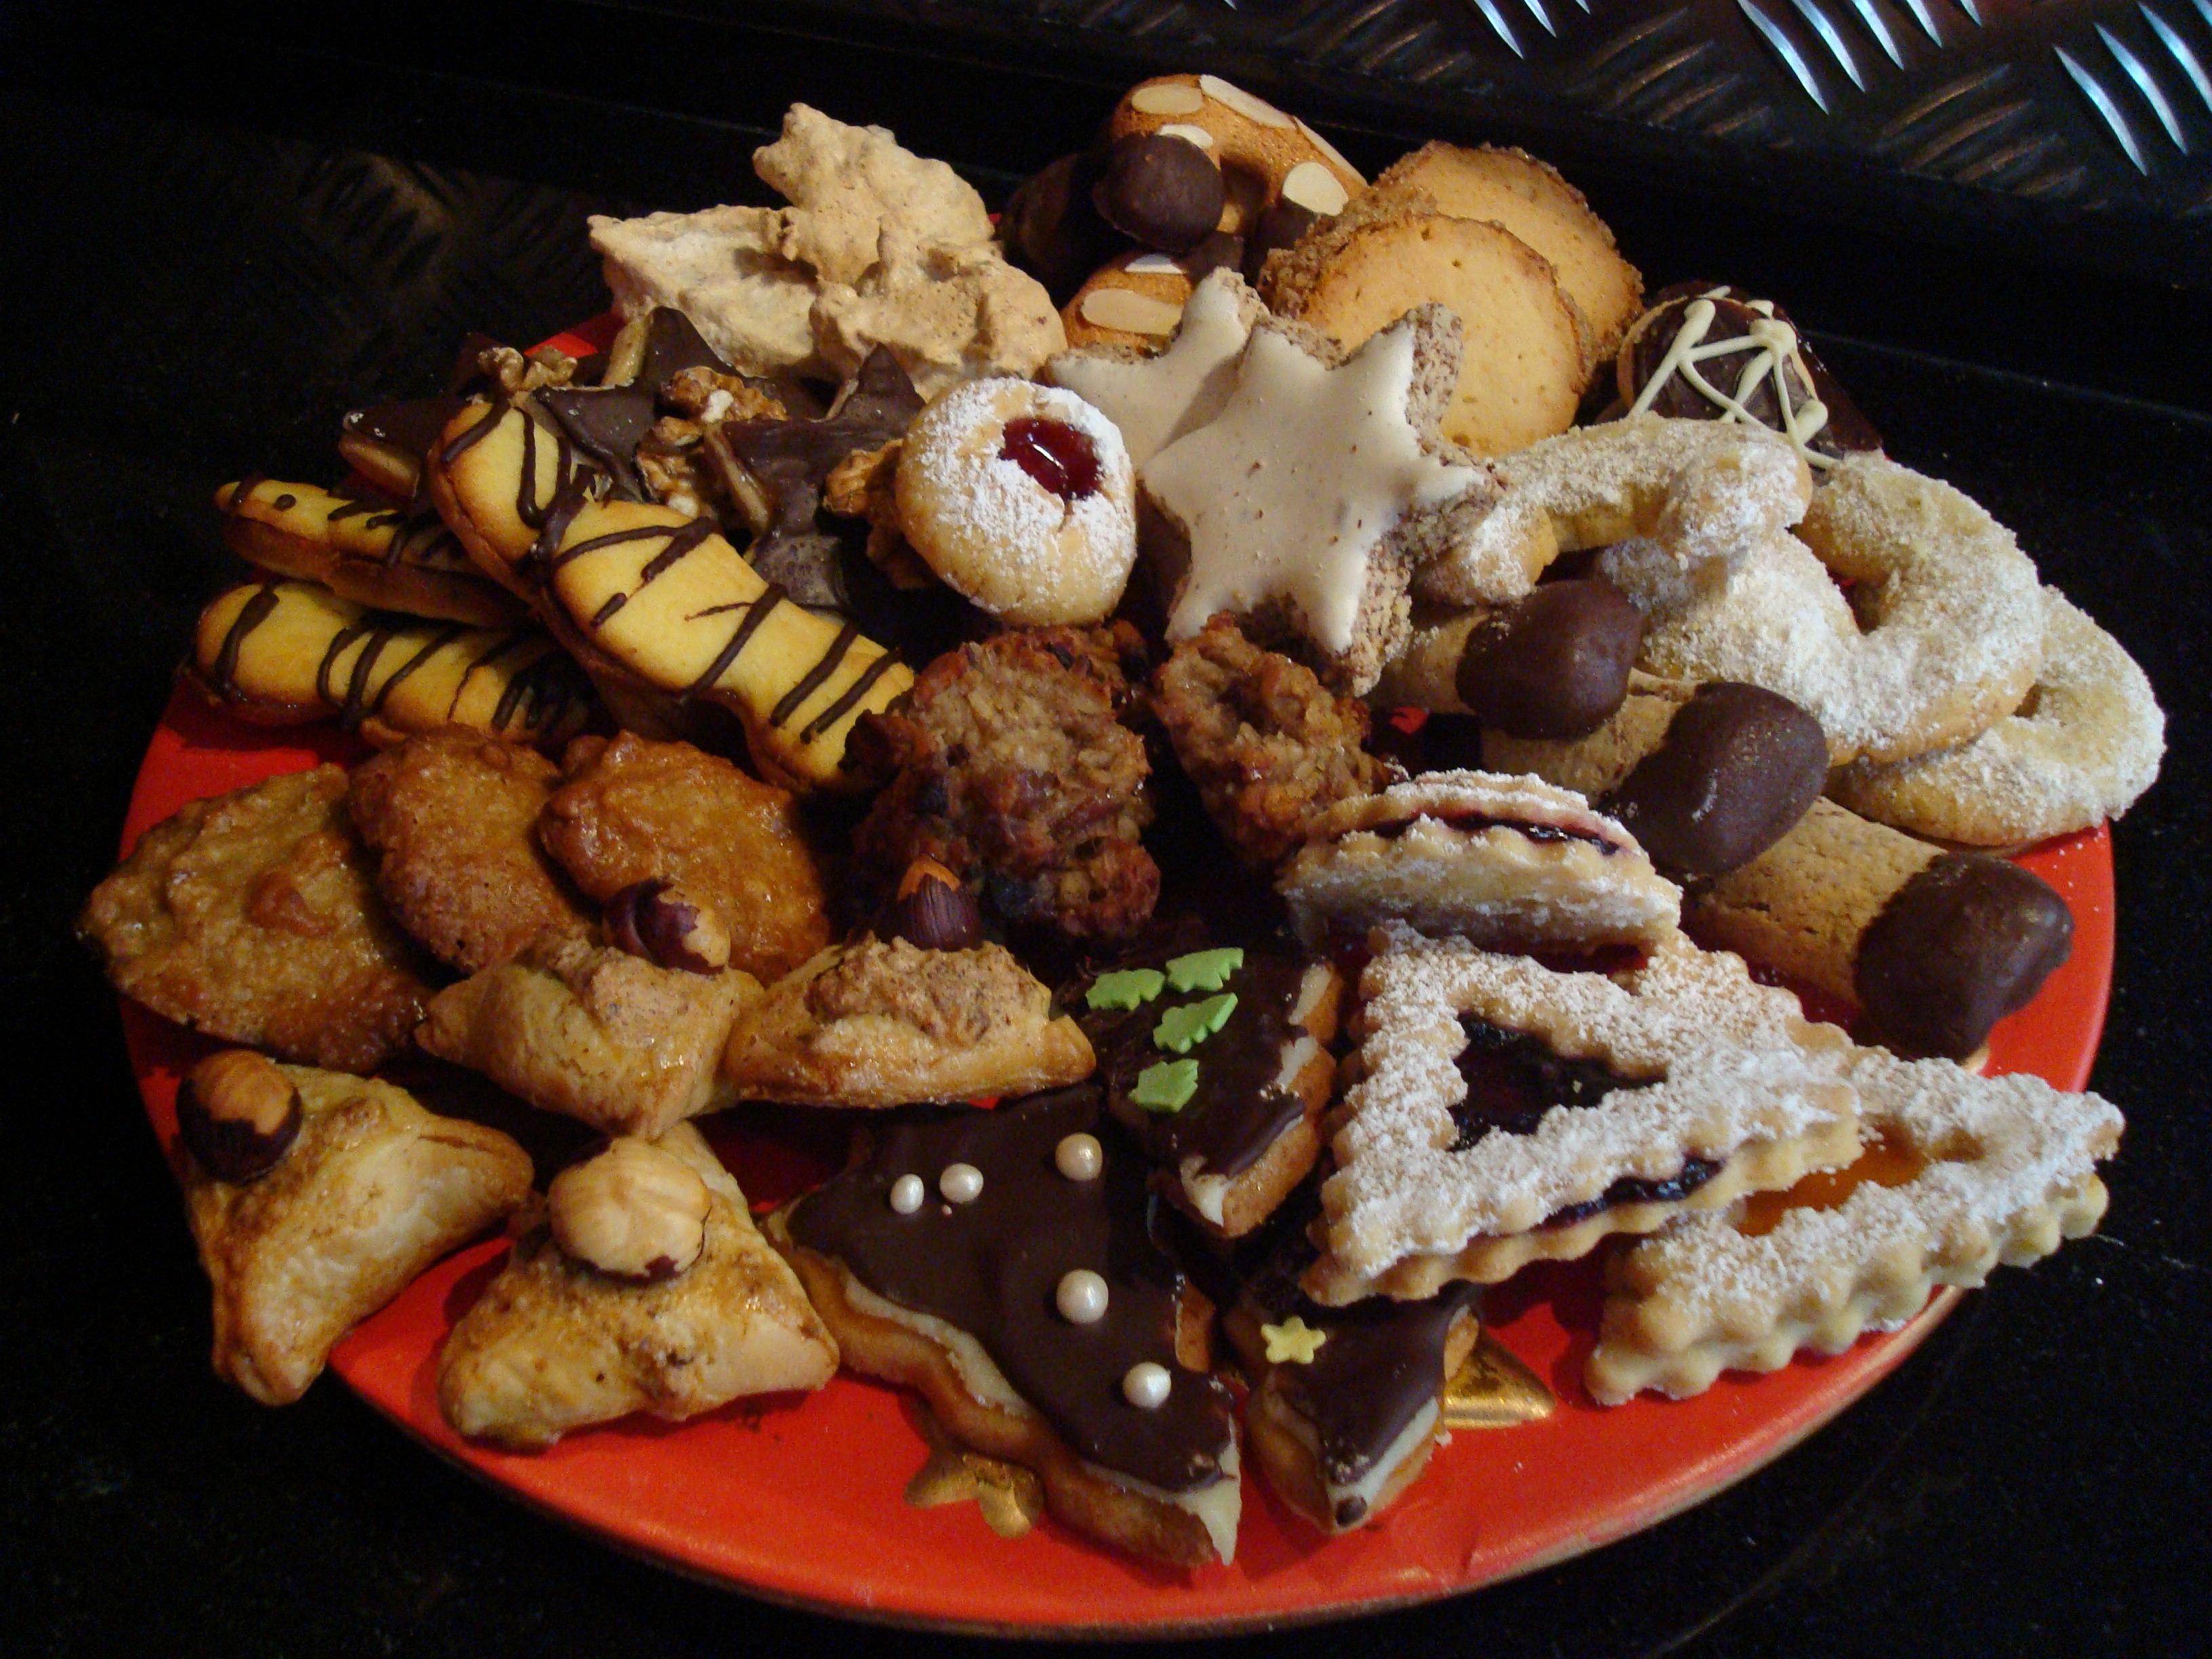 Kostenlose foto : süß, Gericht, Mahlzeit, Lebensmittel, rot ...